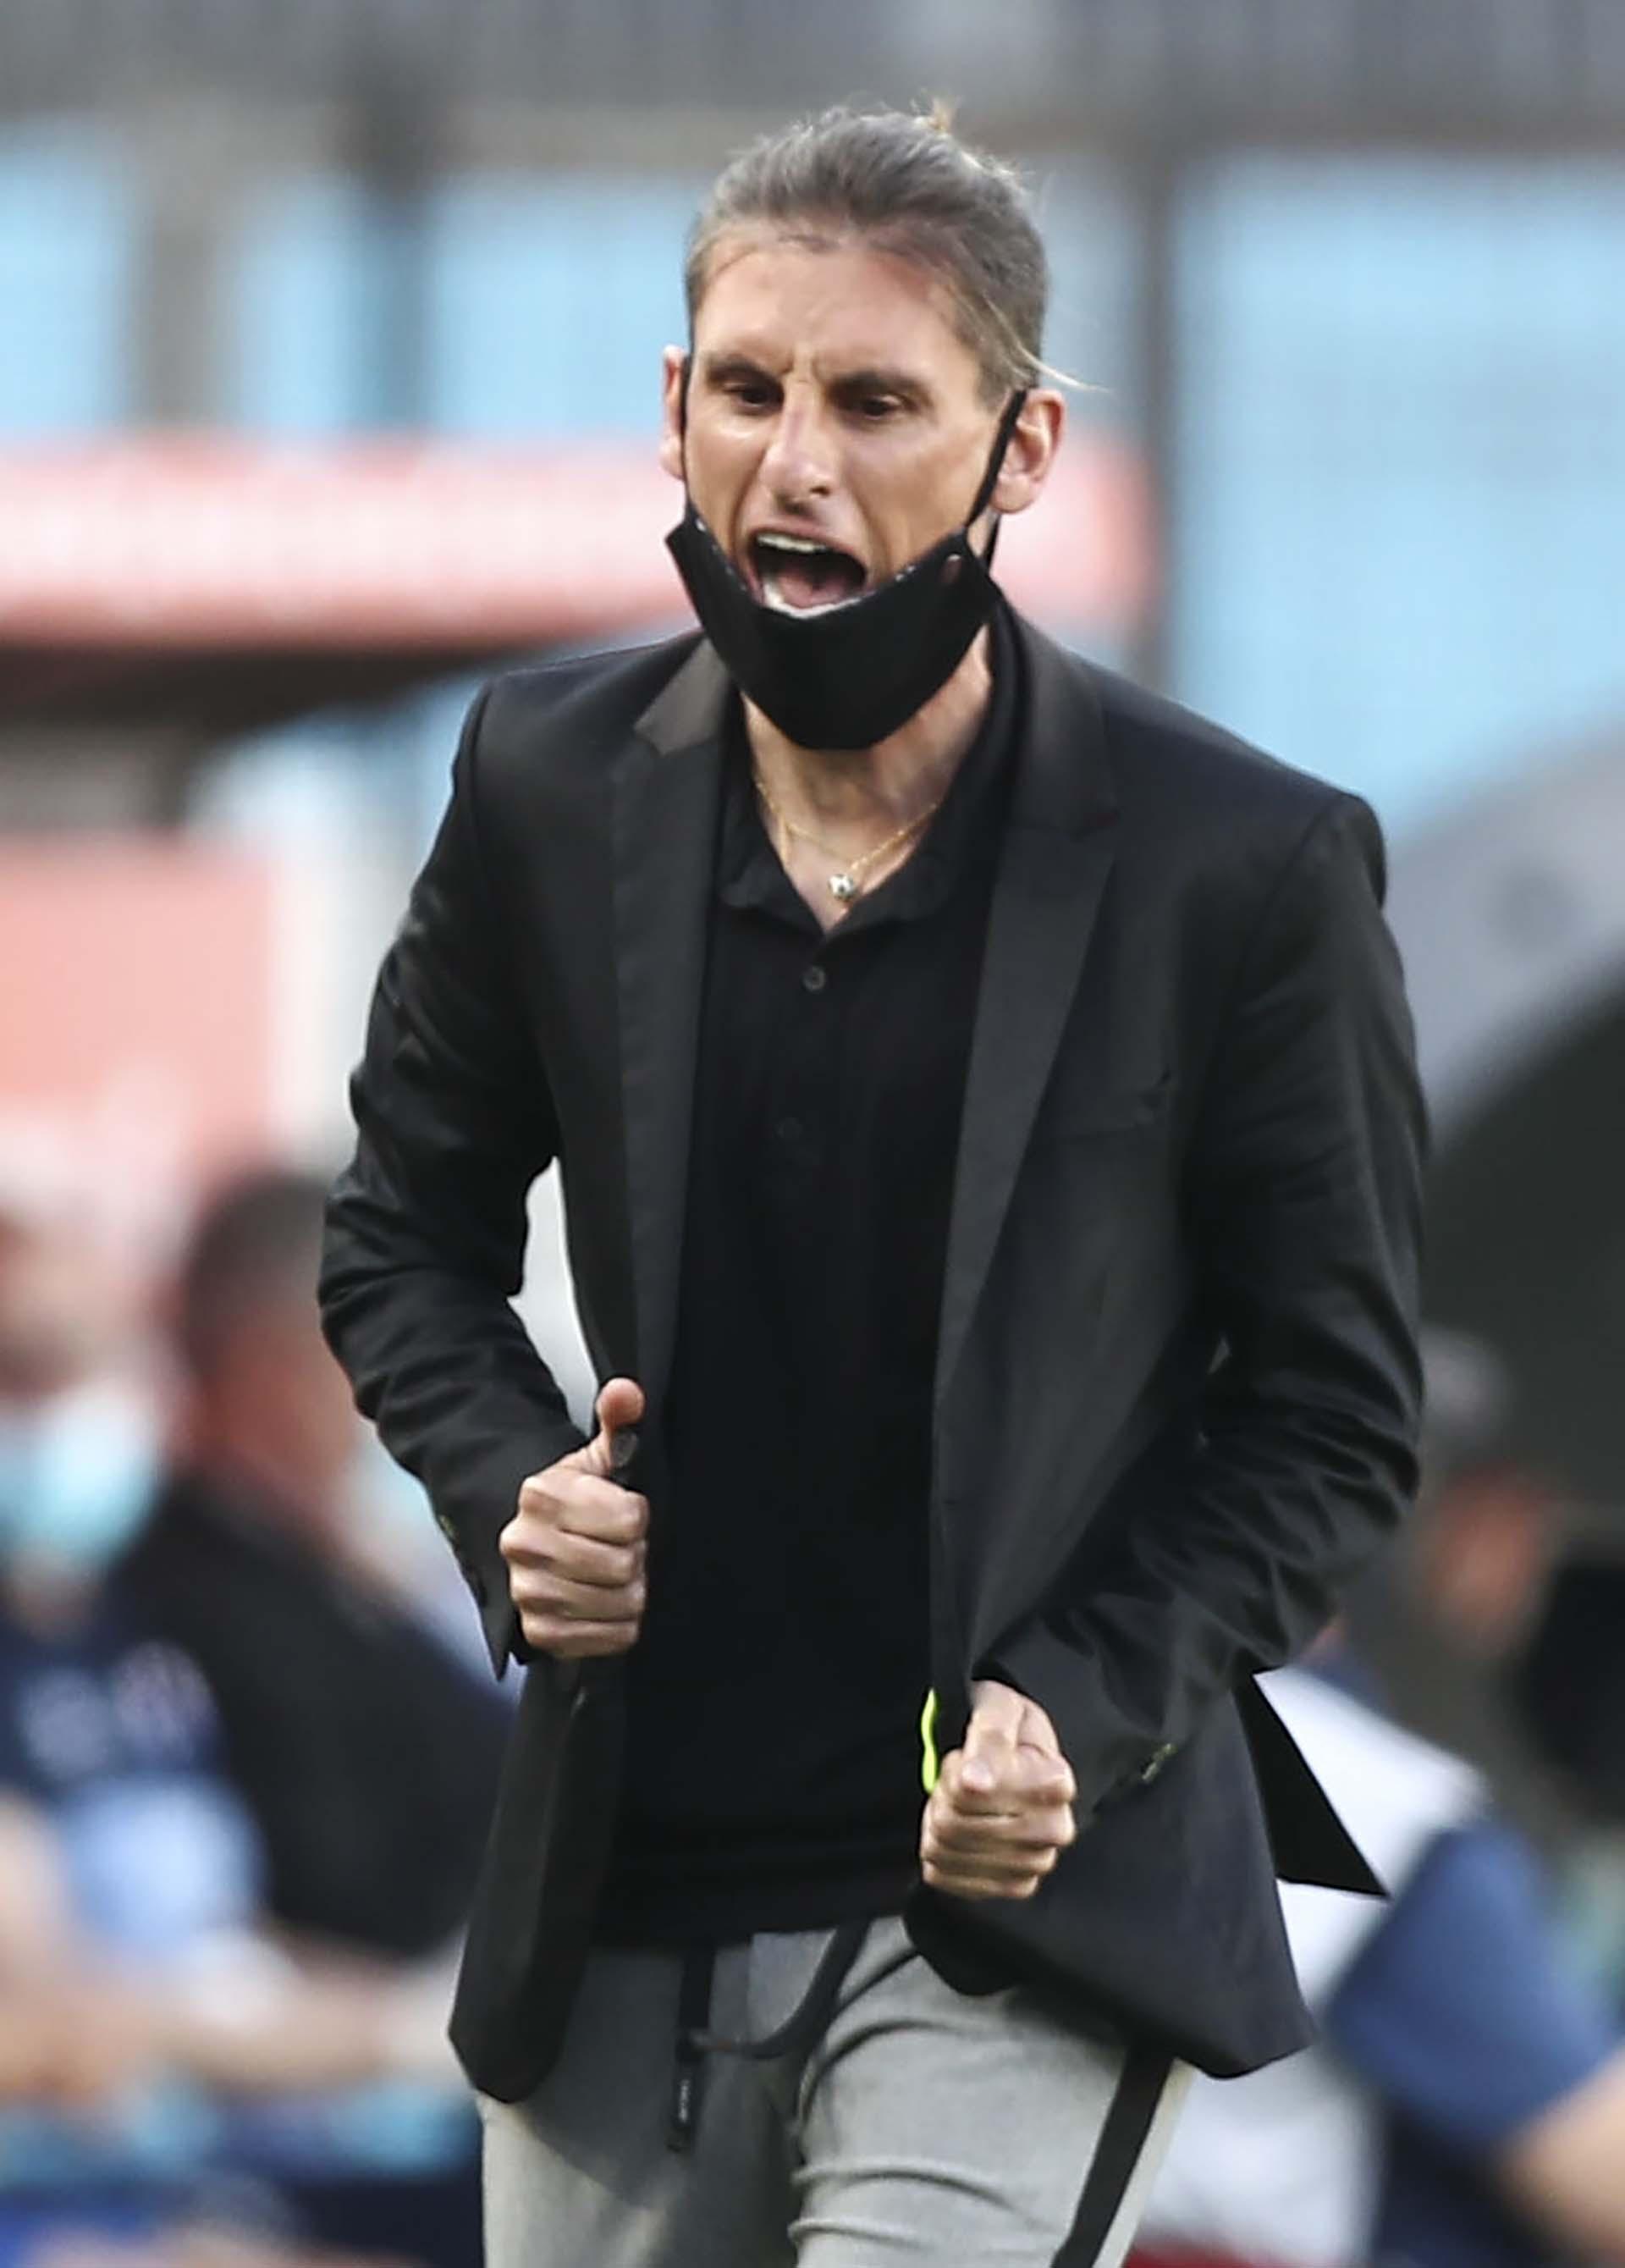 El particular look de Sebastián Beccacece, entrenador de Racing: jogging y saco (AGUSTIN MARCARIAN / POOL / AFP)